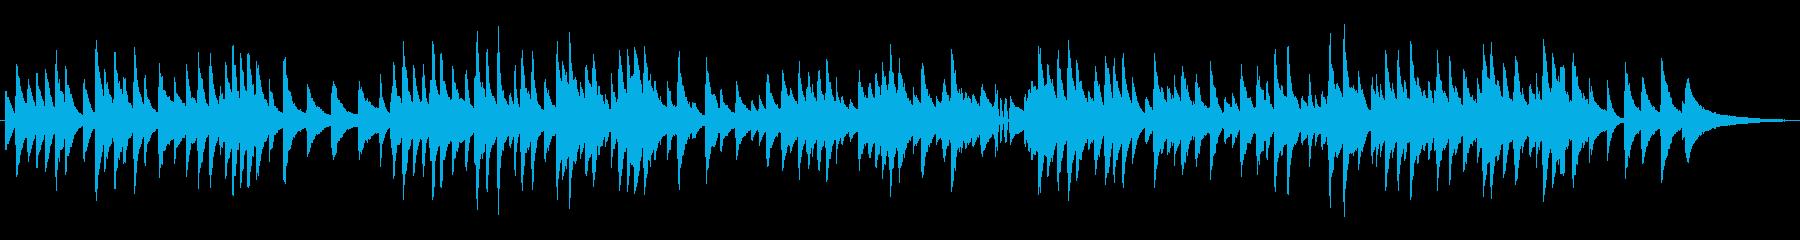 ゆっくりなジャズラウンジピアノソロの再生済みの波形